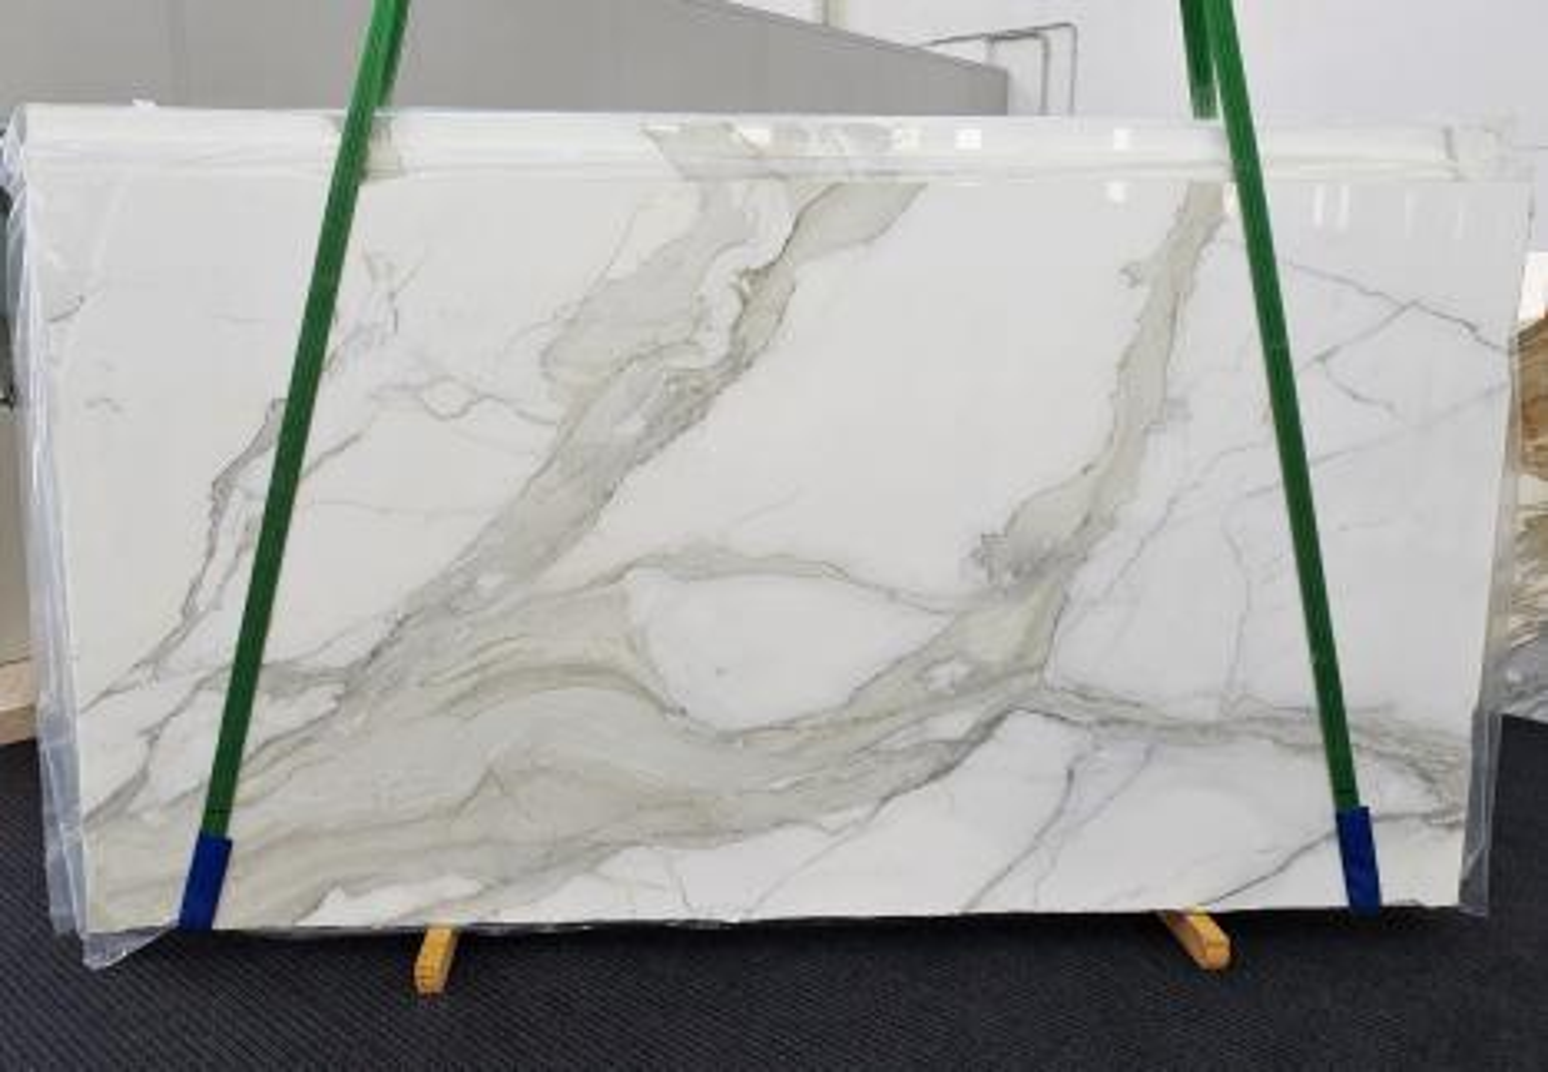 CALACATTA ORO EXTRA Fourniture Veneto (Italie) d' dalles brillantes en marbre naturel 1366 , Slab #01